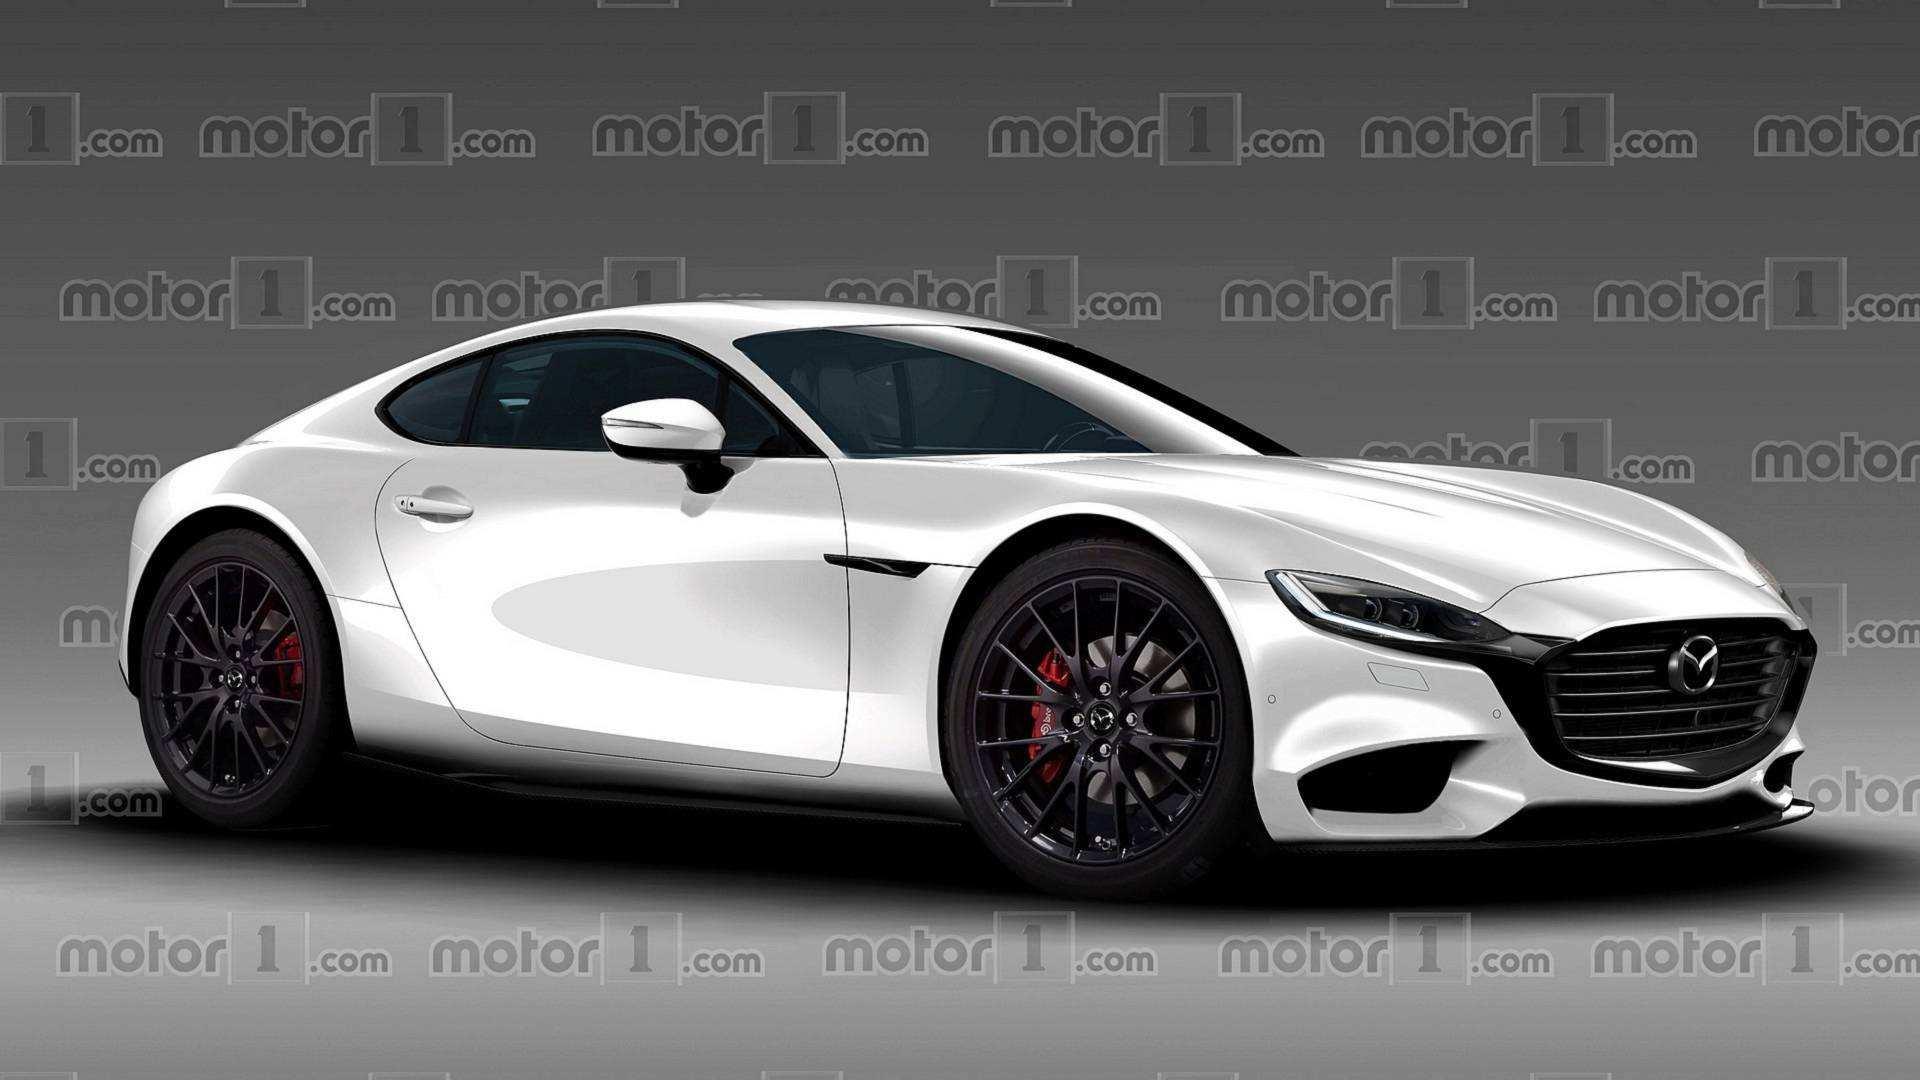 90 Concept of Mazda Ev 2020 Redesign with Mazda Ev 2020